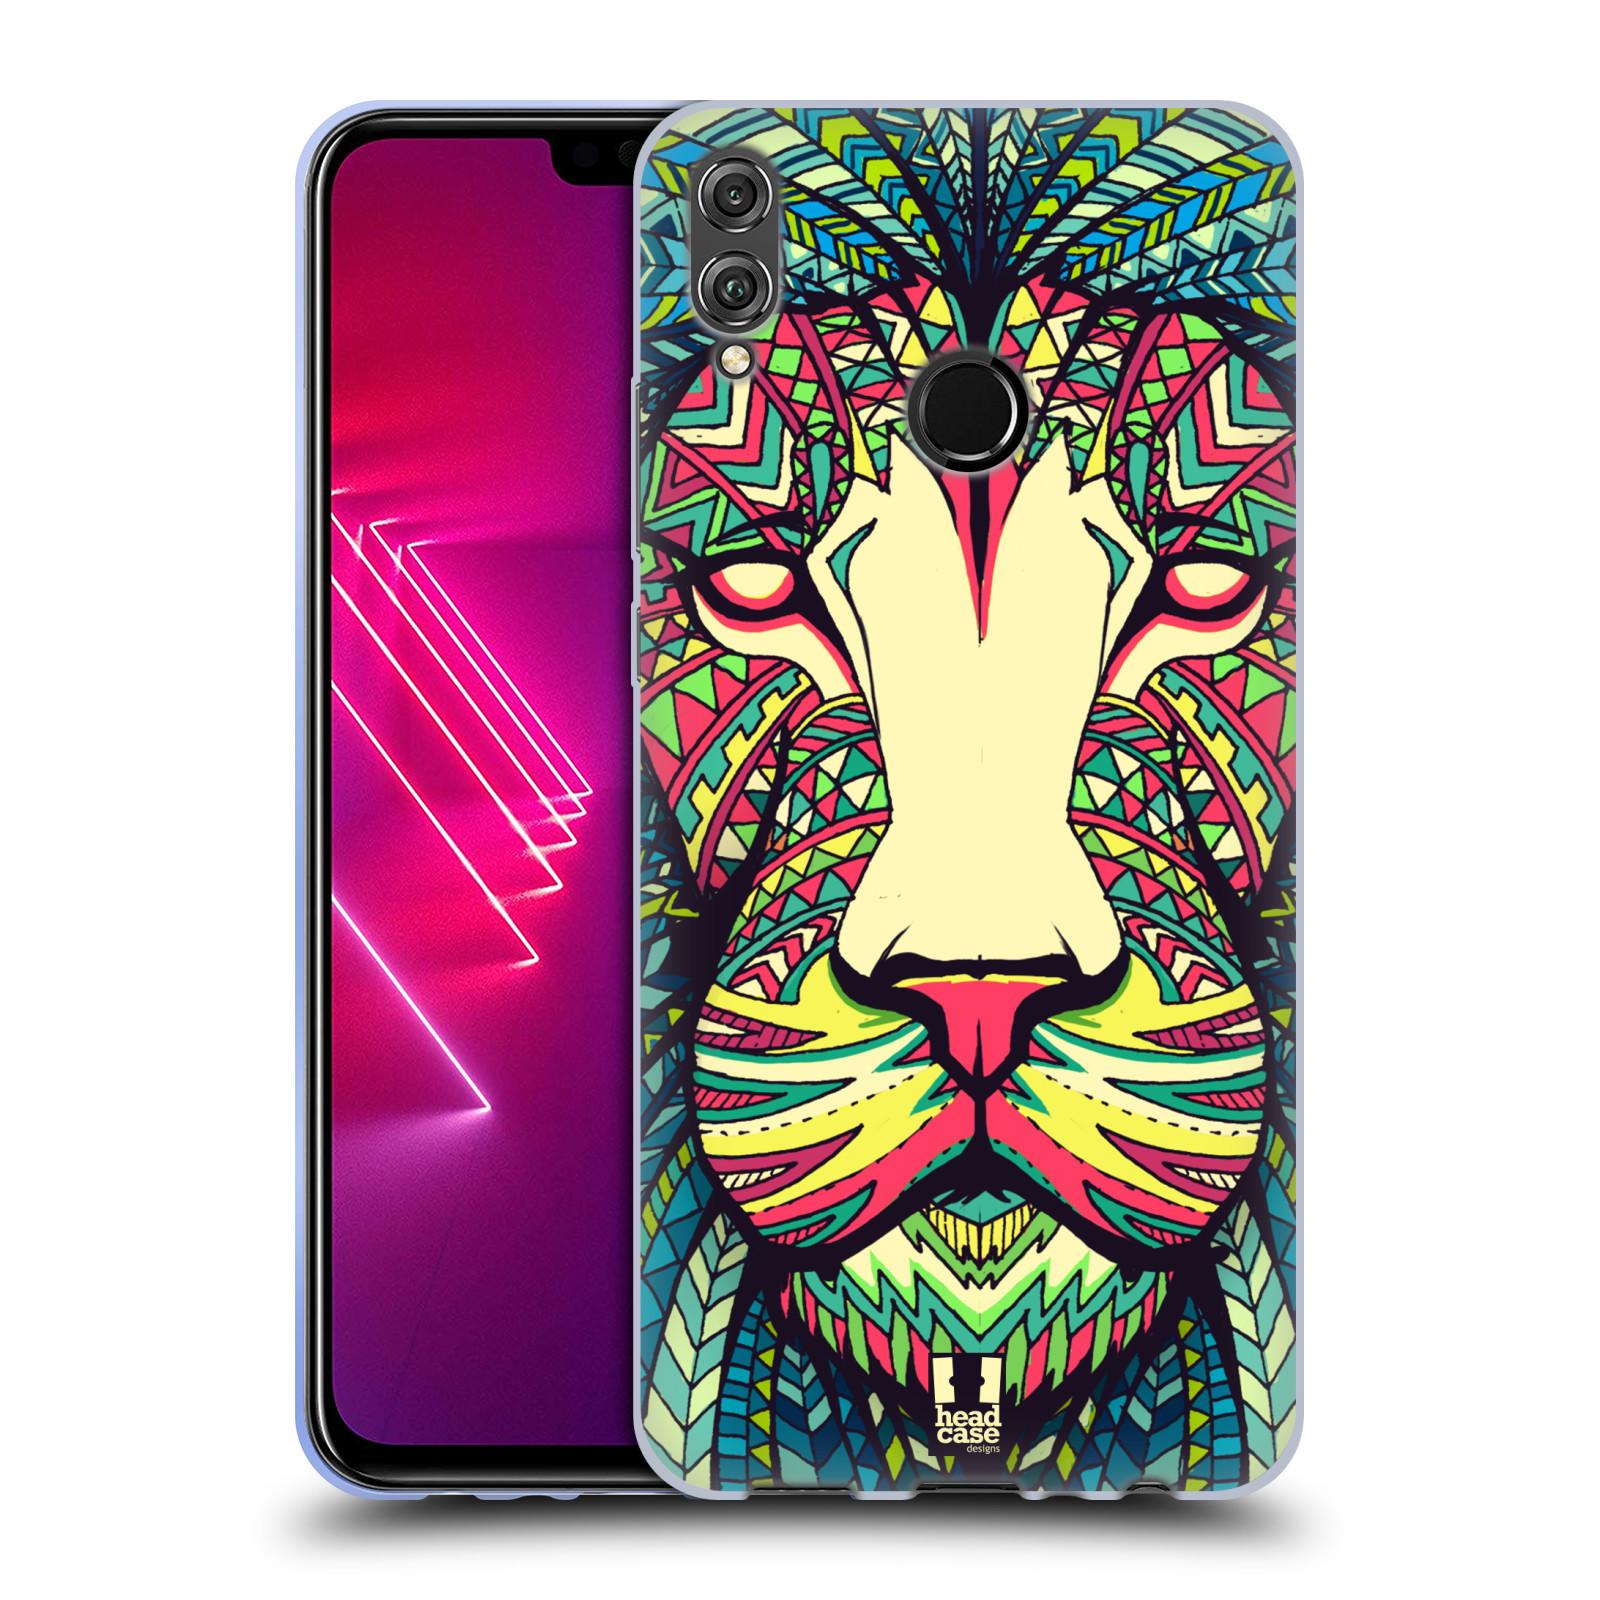 Silikonové pouzdro na mobil Honor View 10 Lite - Head Case - AZTEC LEV